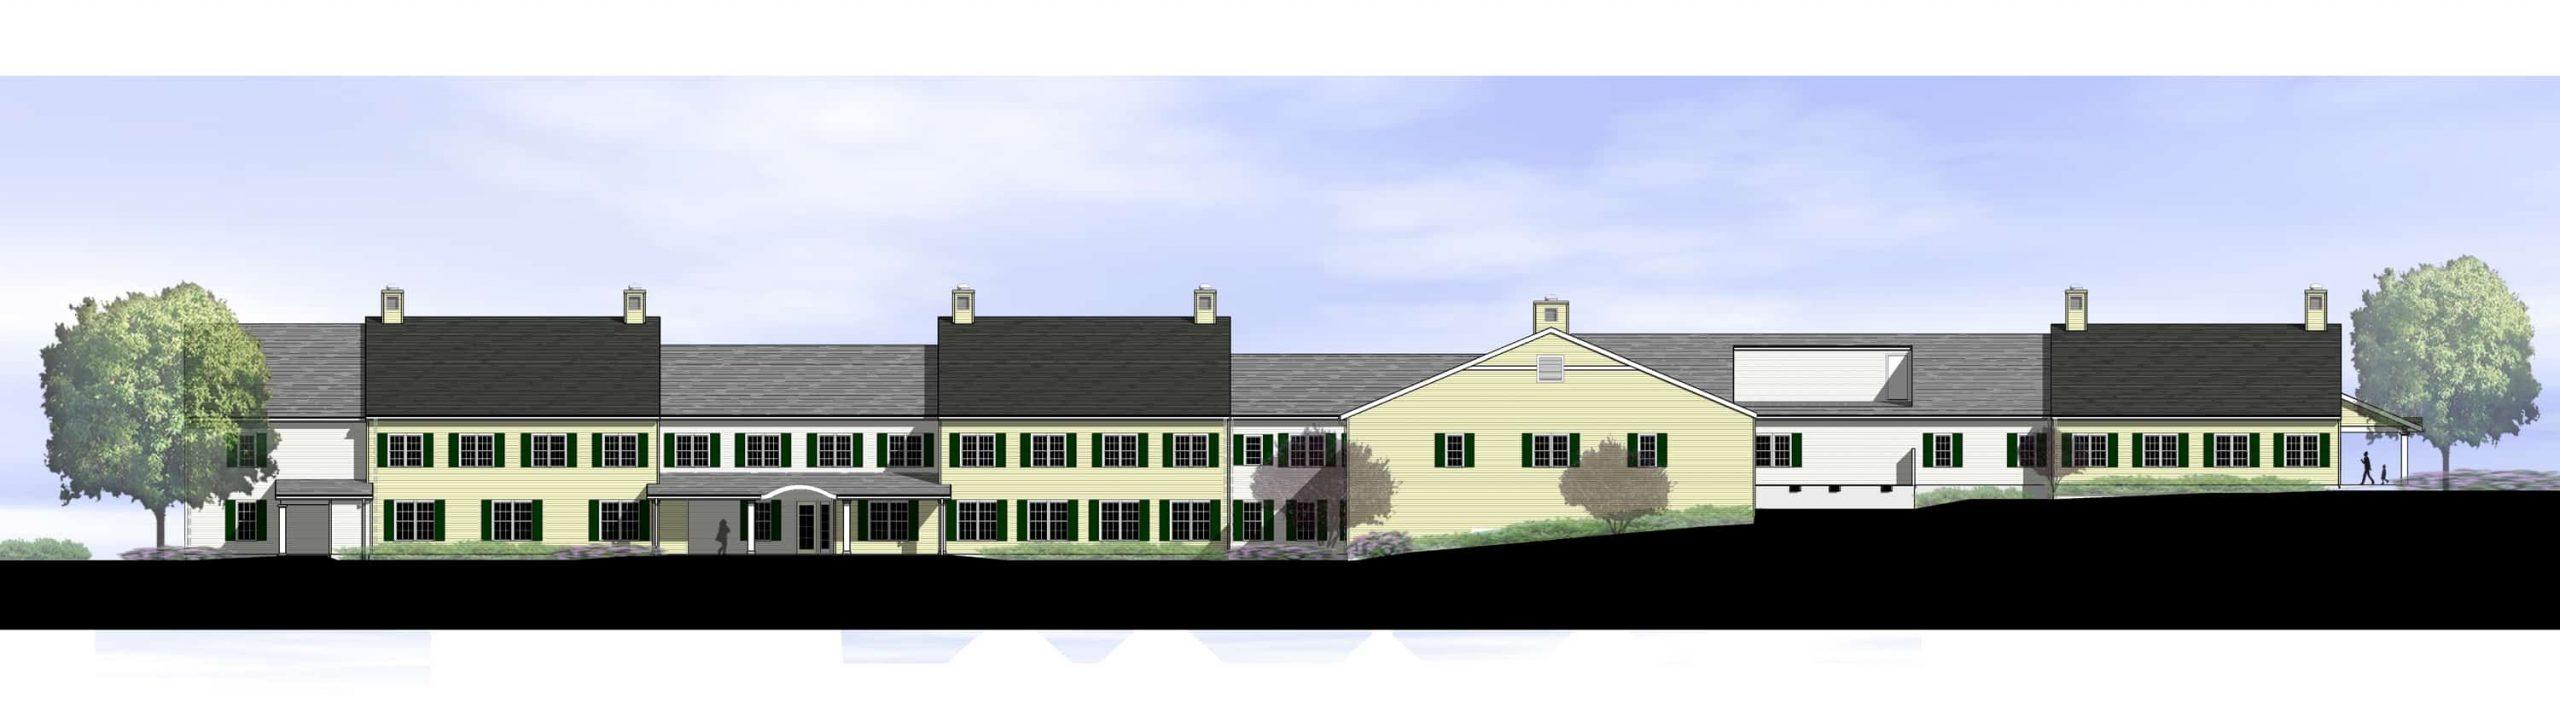 Cedar Hill rendering